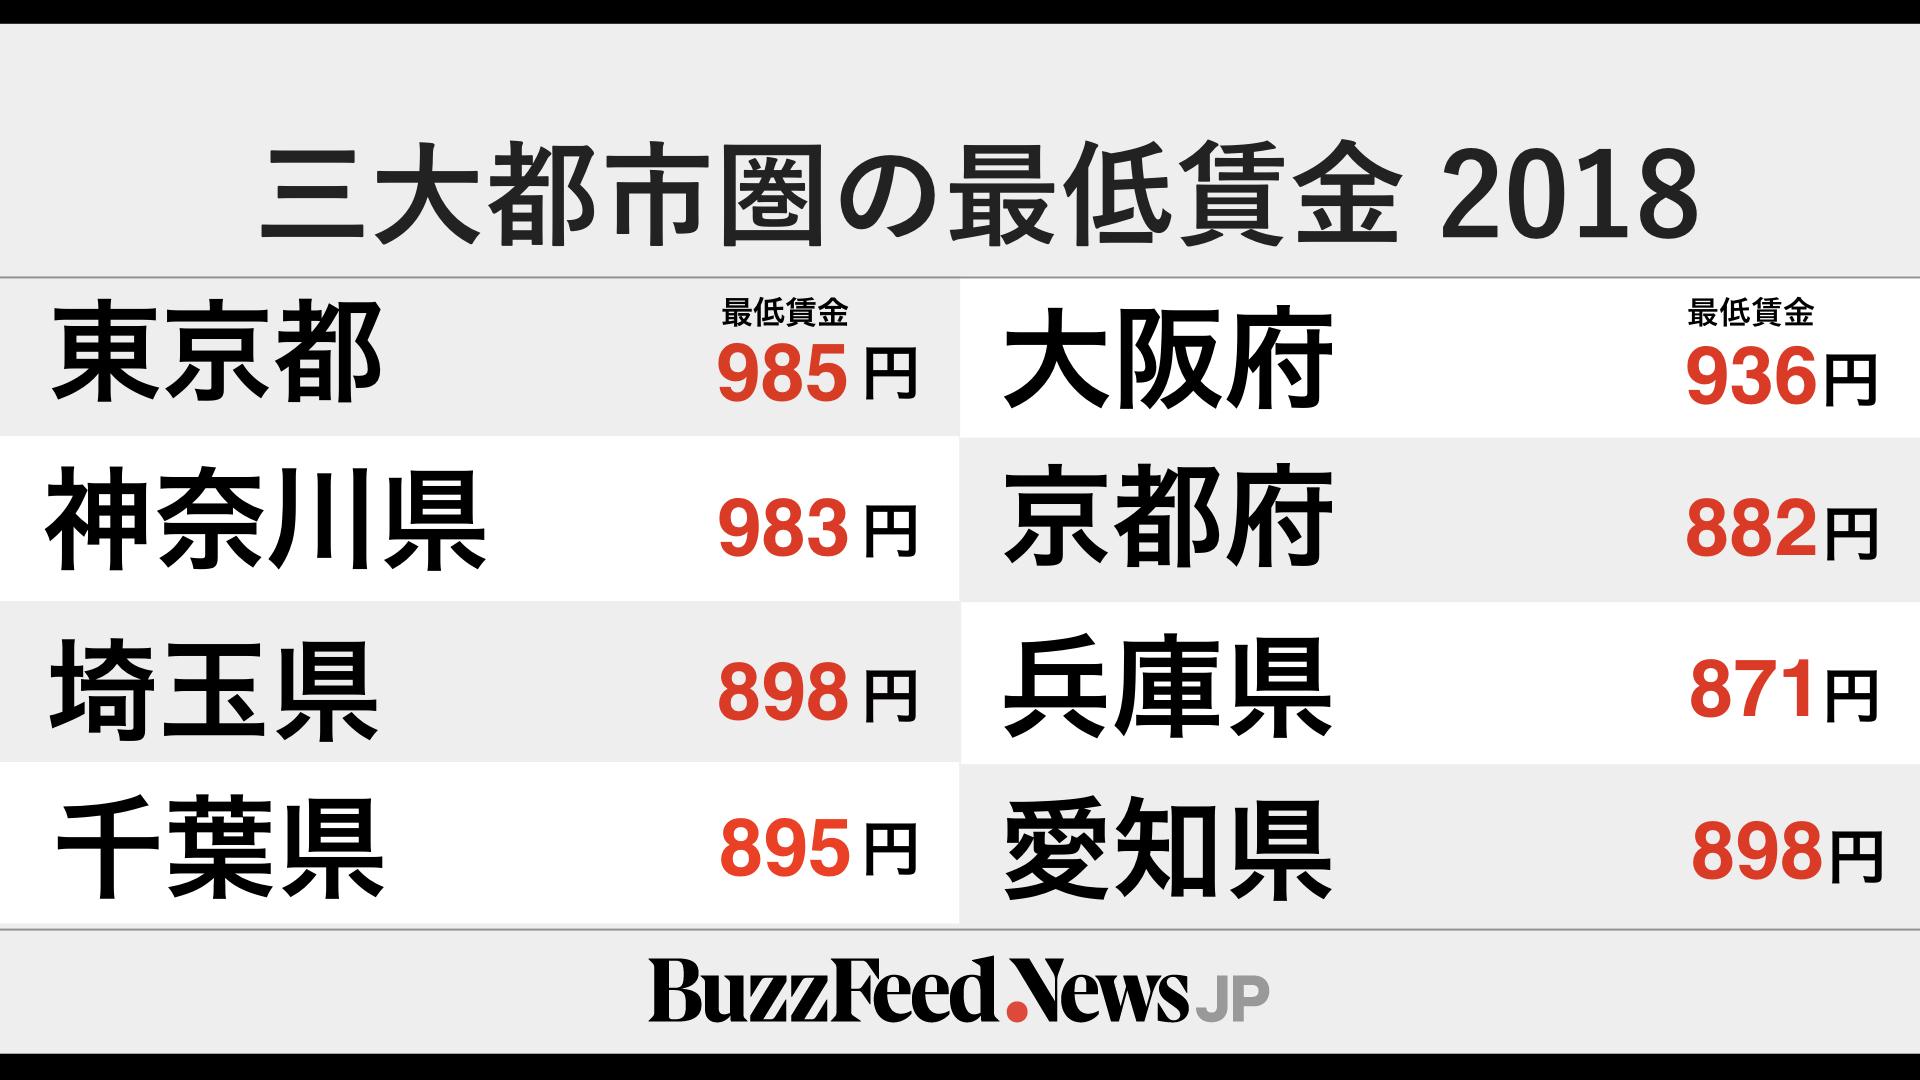 東京で時給985円未満は違法です! 最低賃金が10月から改定